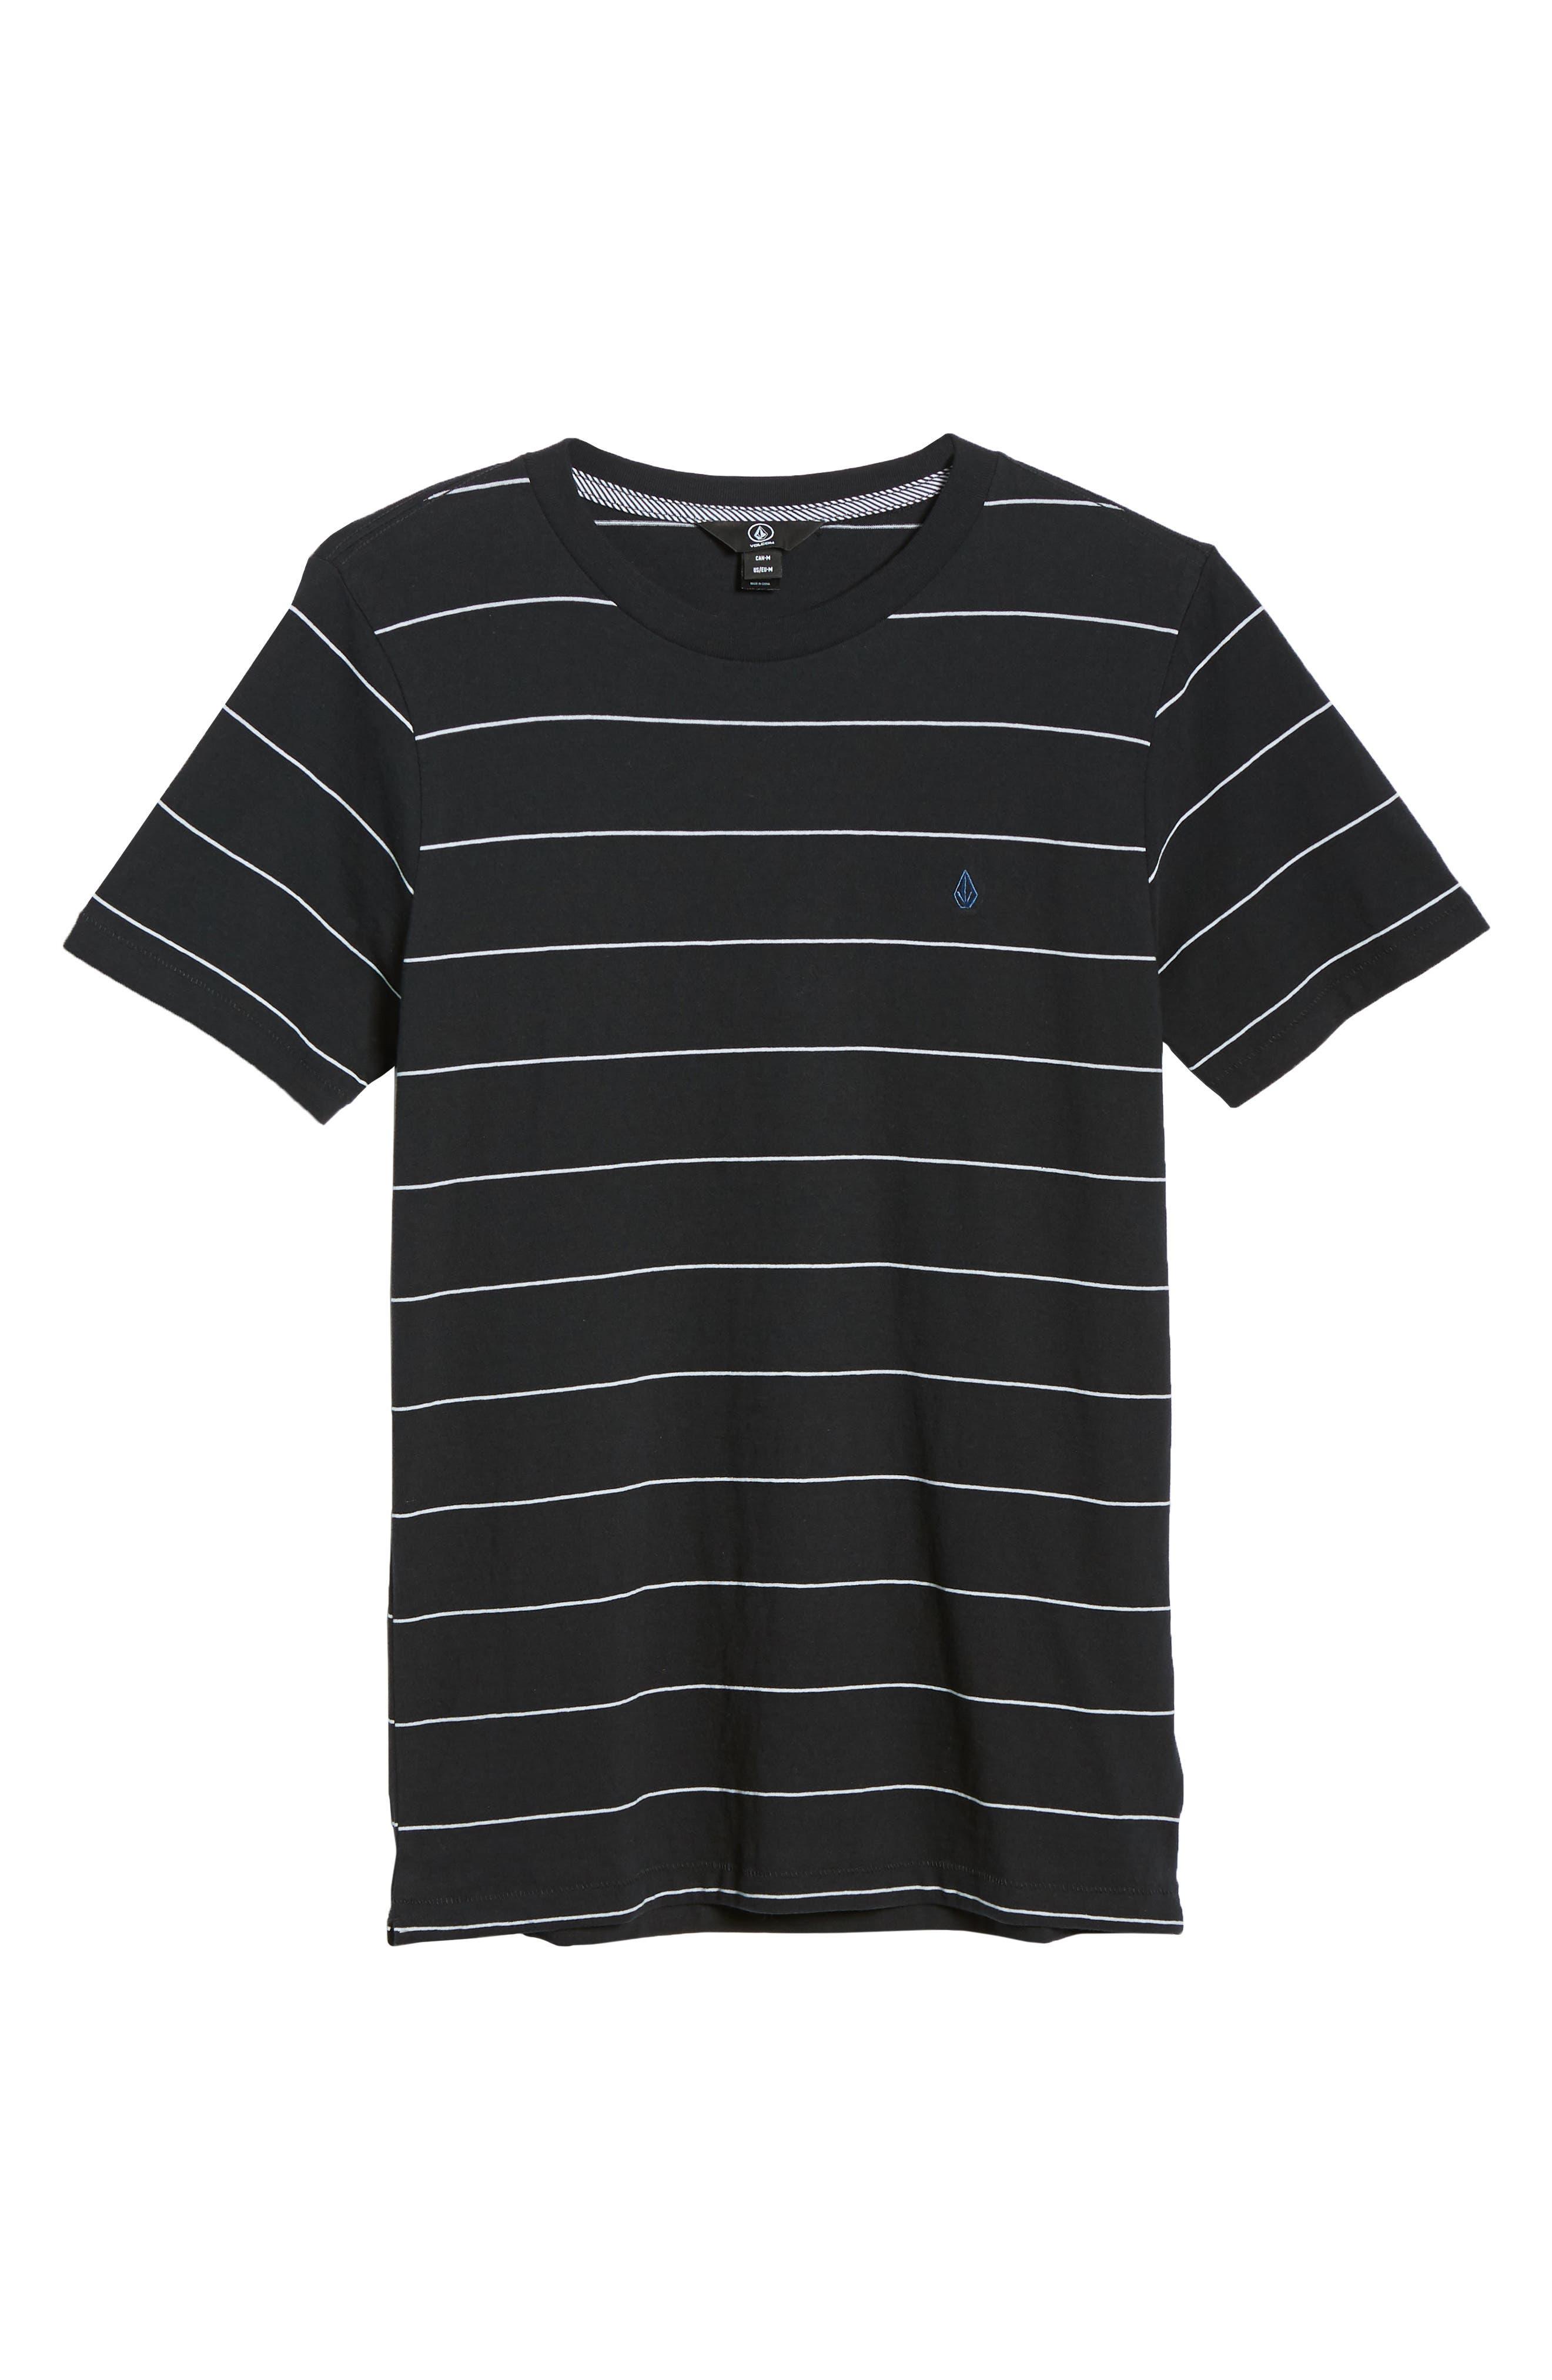 Joben Striped T-Shirt,                             Alternate thumbnail 6, color,                             BLACK